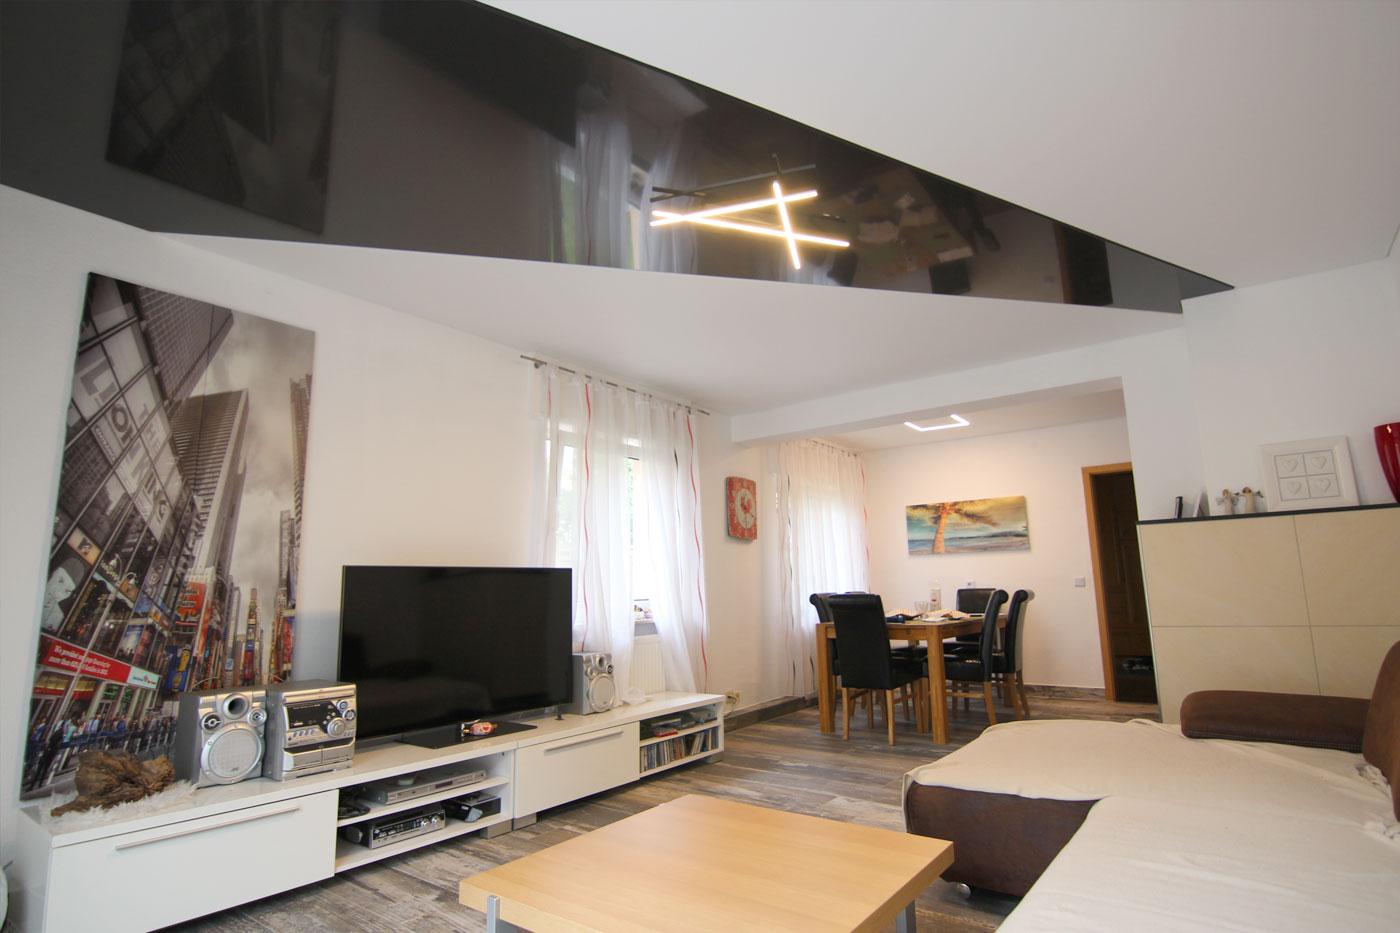 Spanndeckenstudio Teller - Referenzen - Wohnzimmer 005